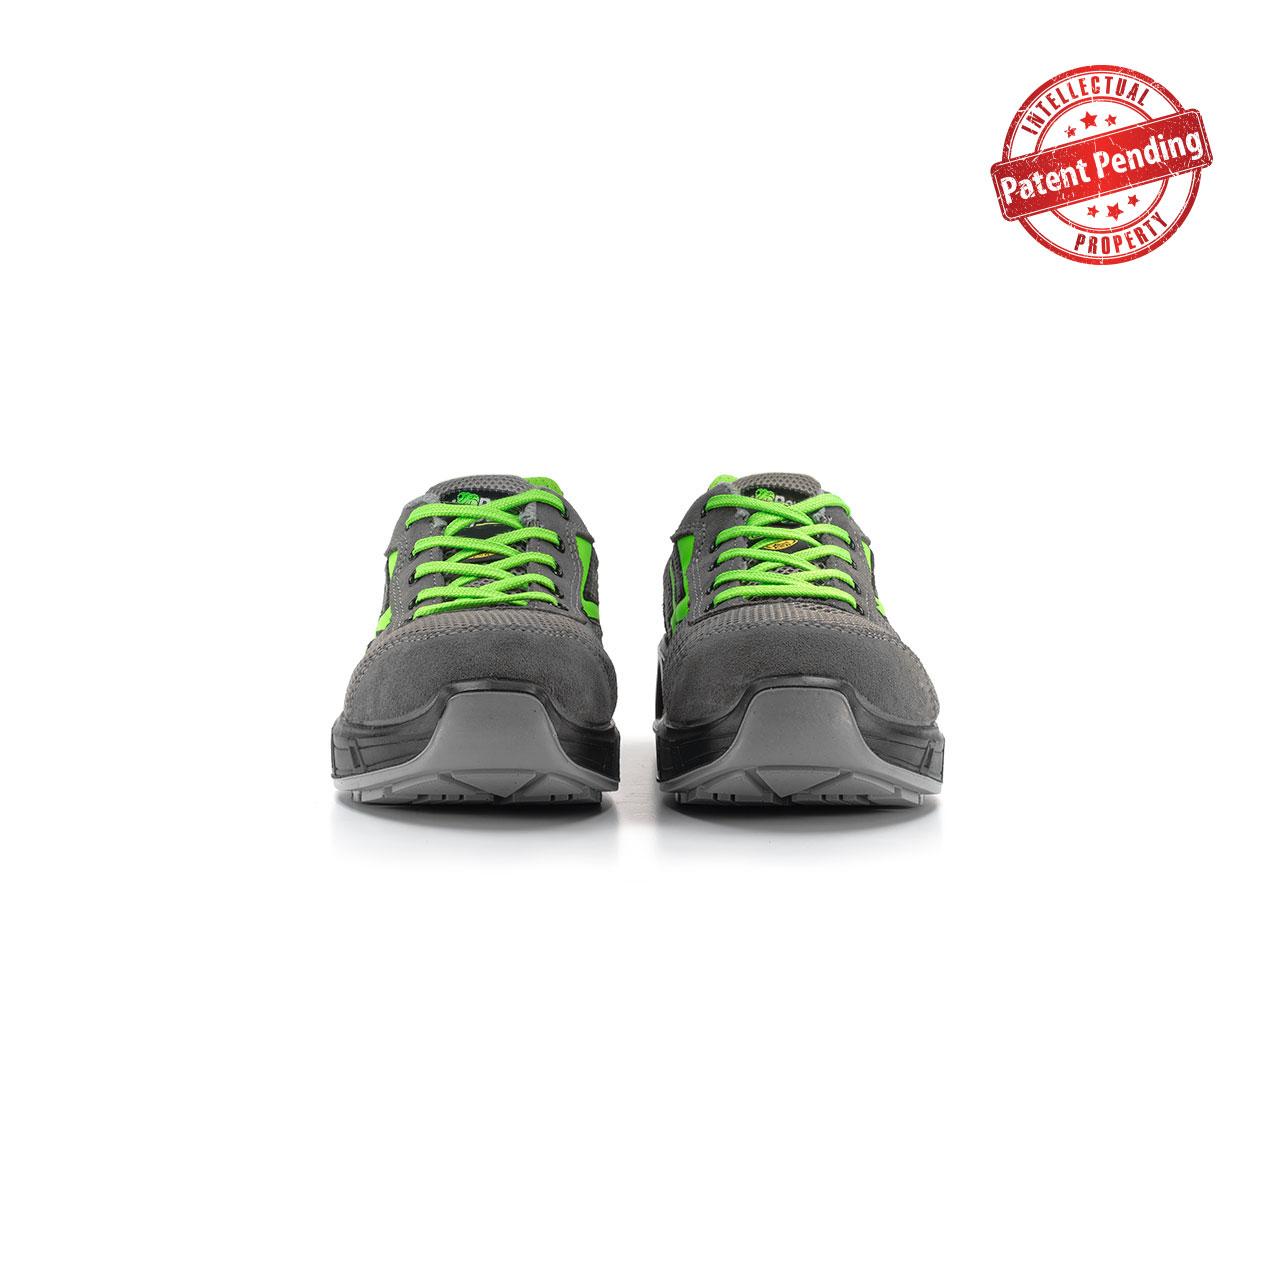 paio di scarpe antinfortunistiche upower modello summer carpet linea redcarpet vista frontale